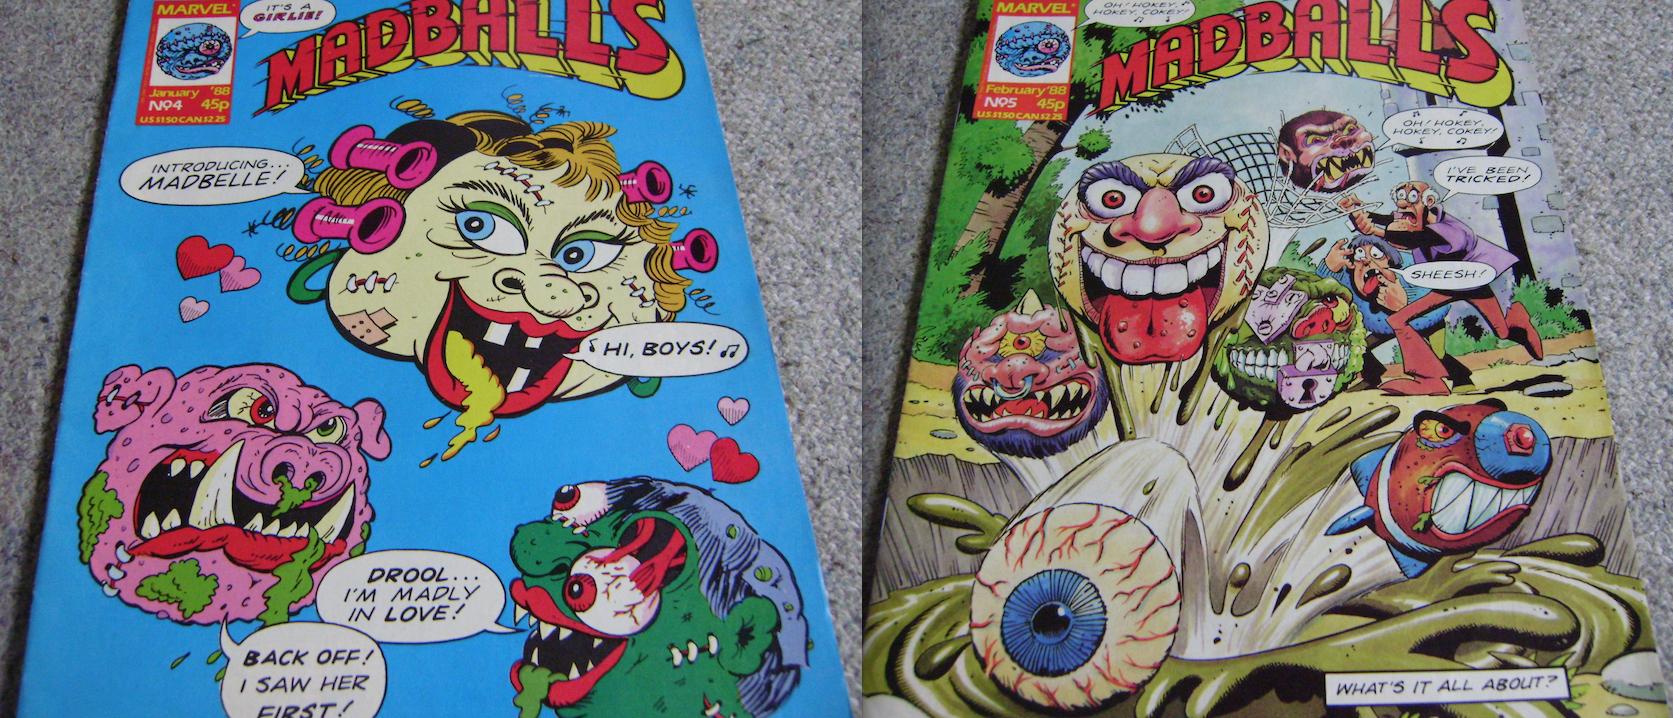 Madballs UK Comics Issues 4 & 5